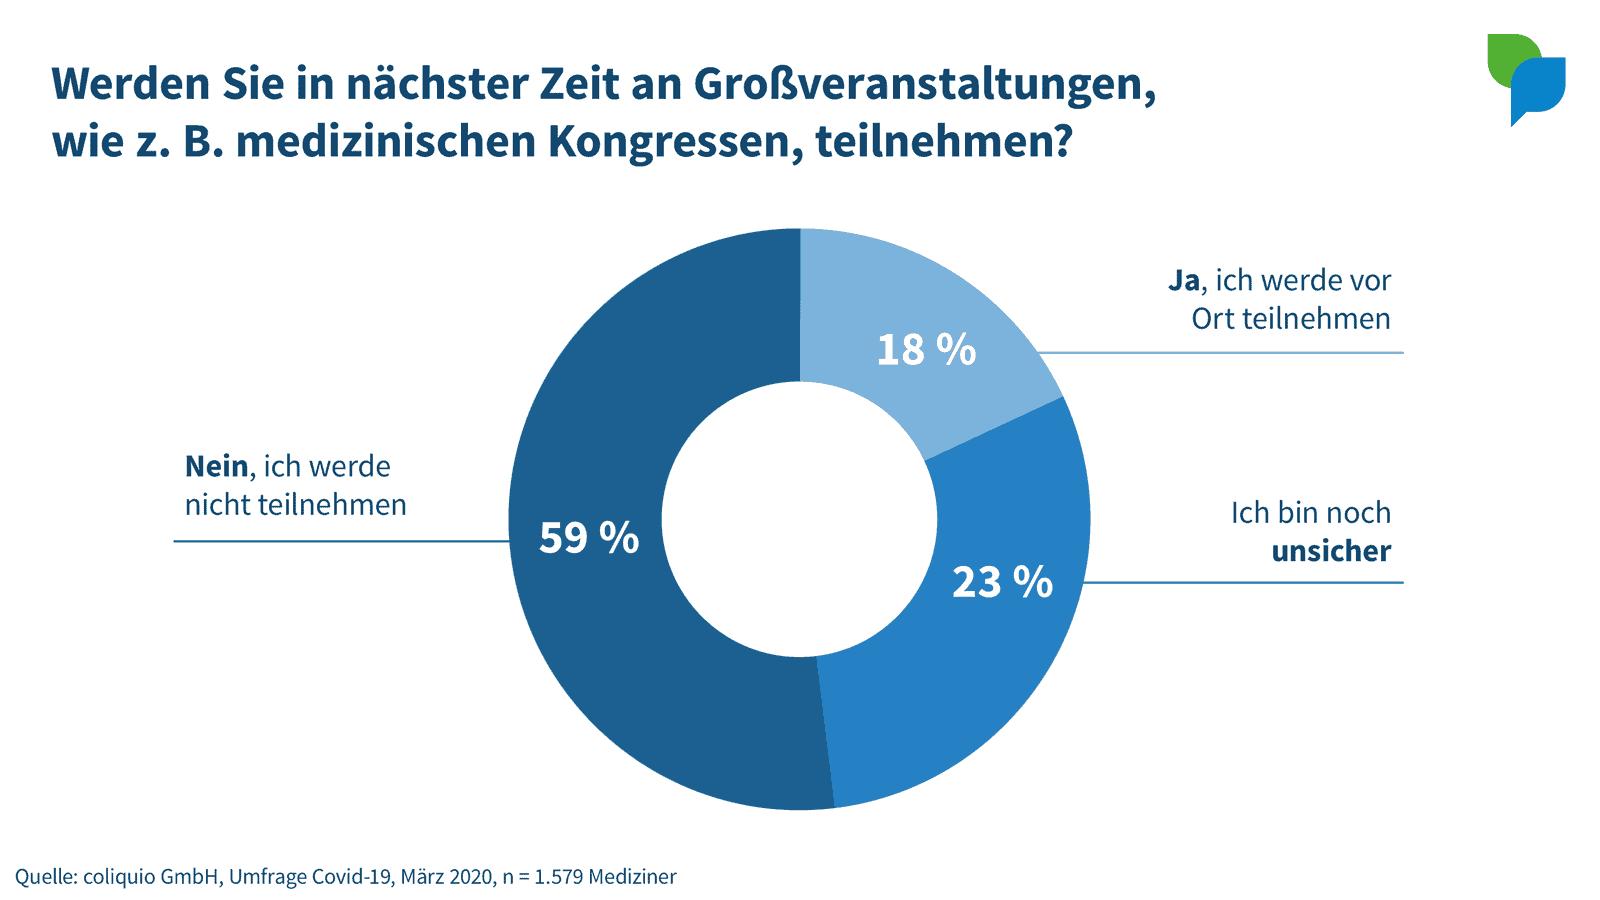 Umfrage-Ergebnis: Großveranstaltungen Covid-19